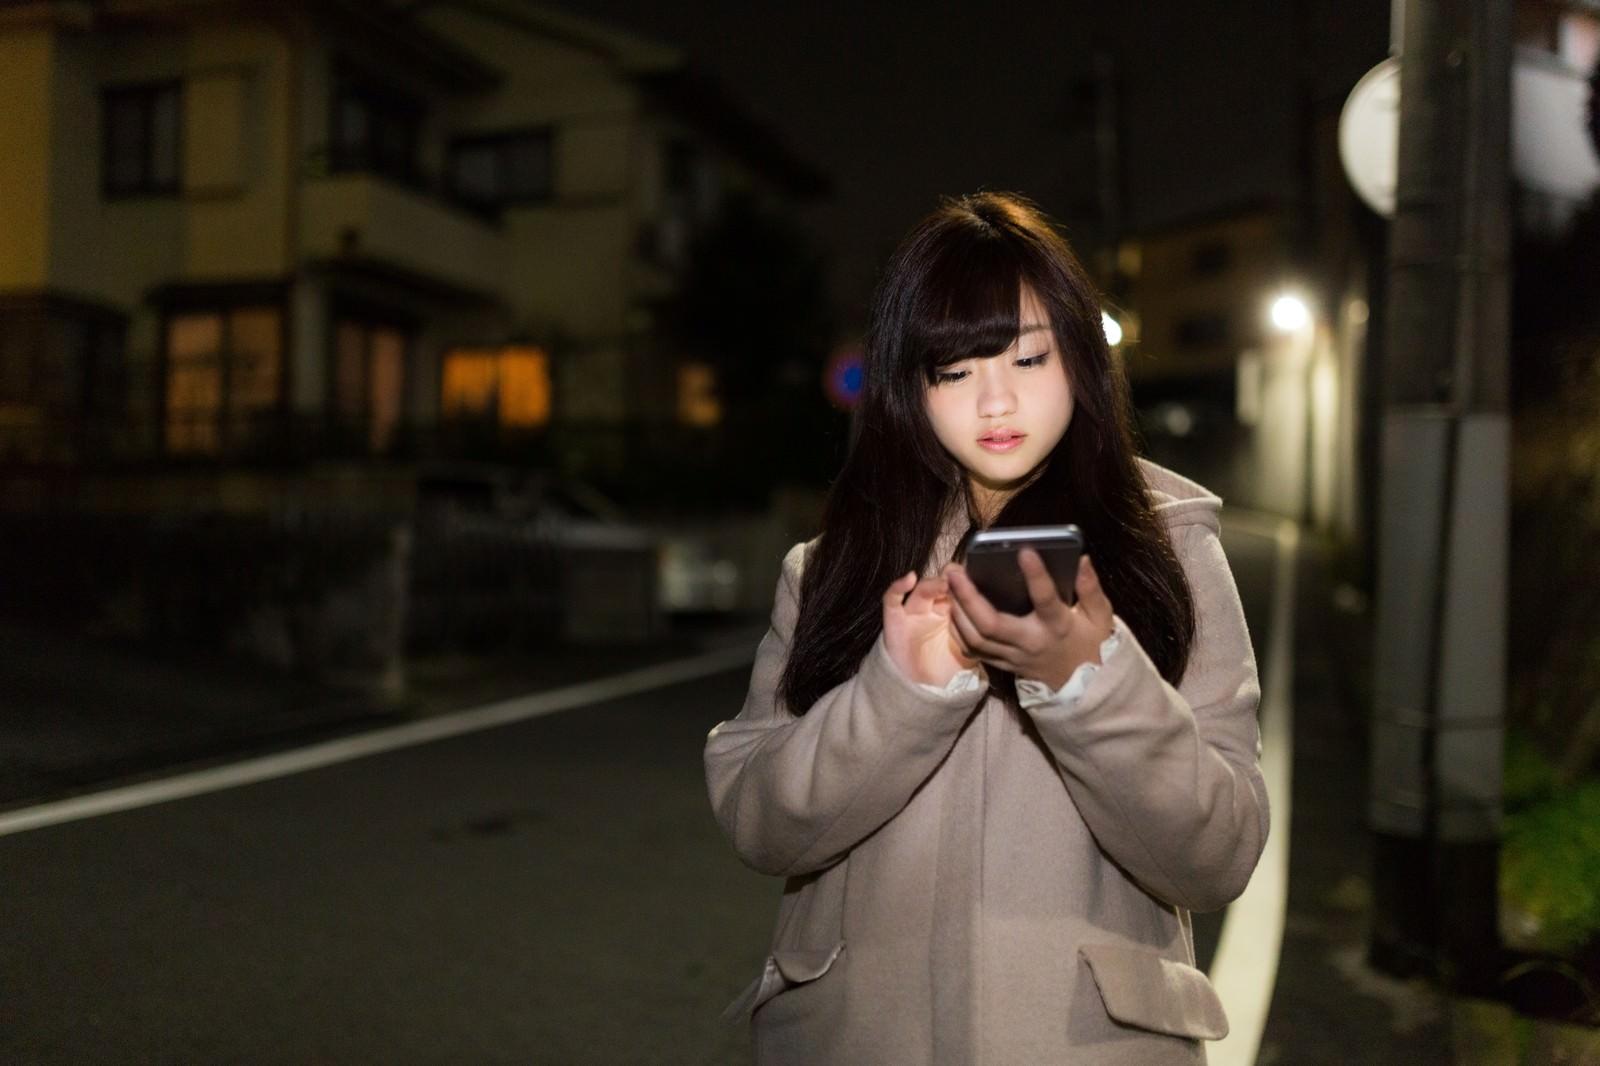 「深夜に歩きスマホをする女の子」の写真[モデル:河村友歌]